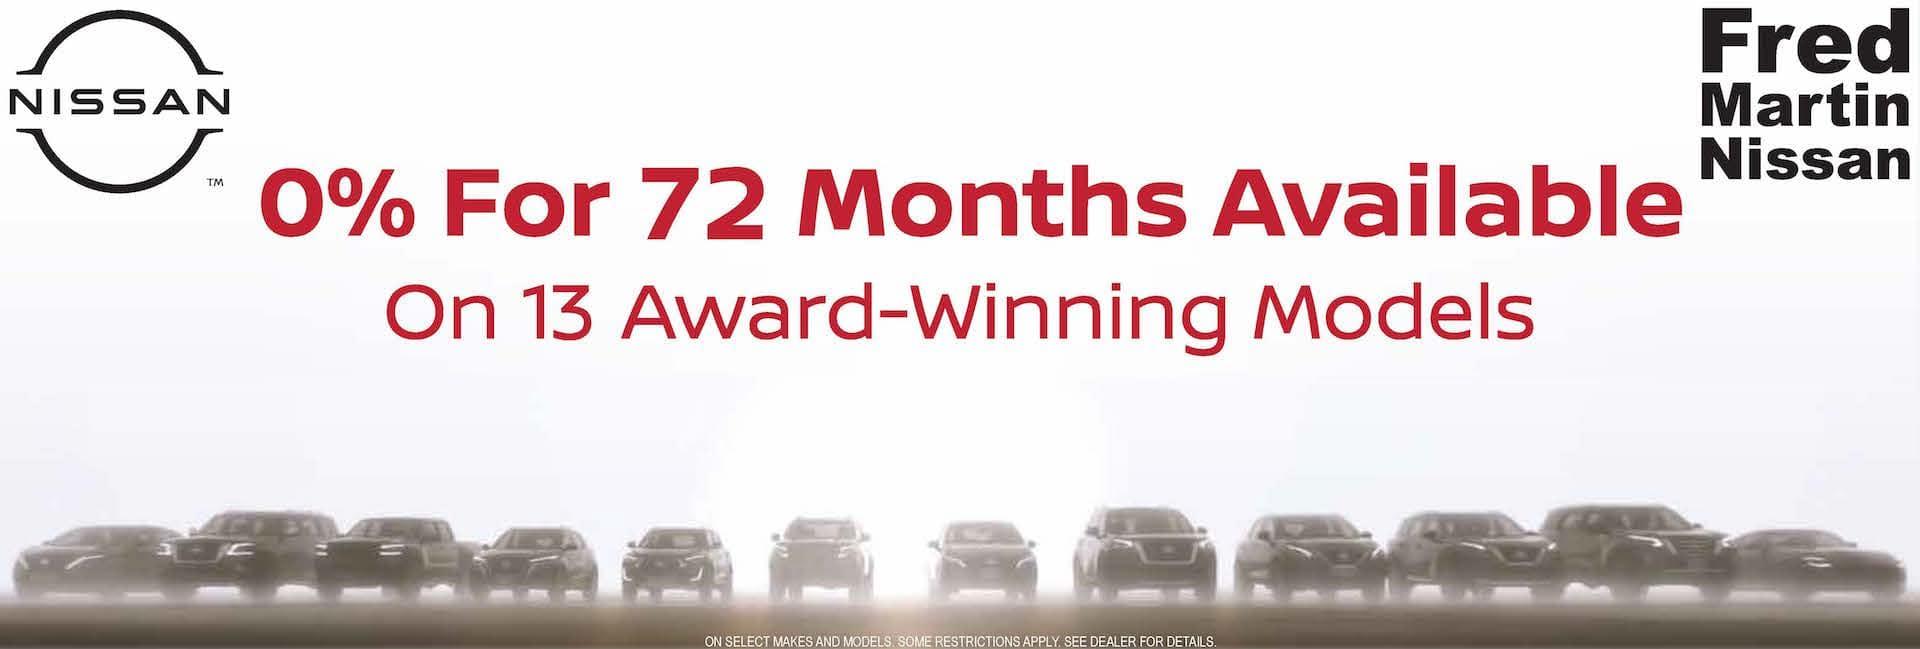 0% for 14 Months 14 Models